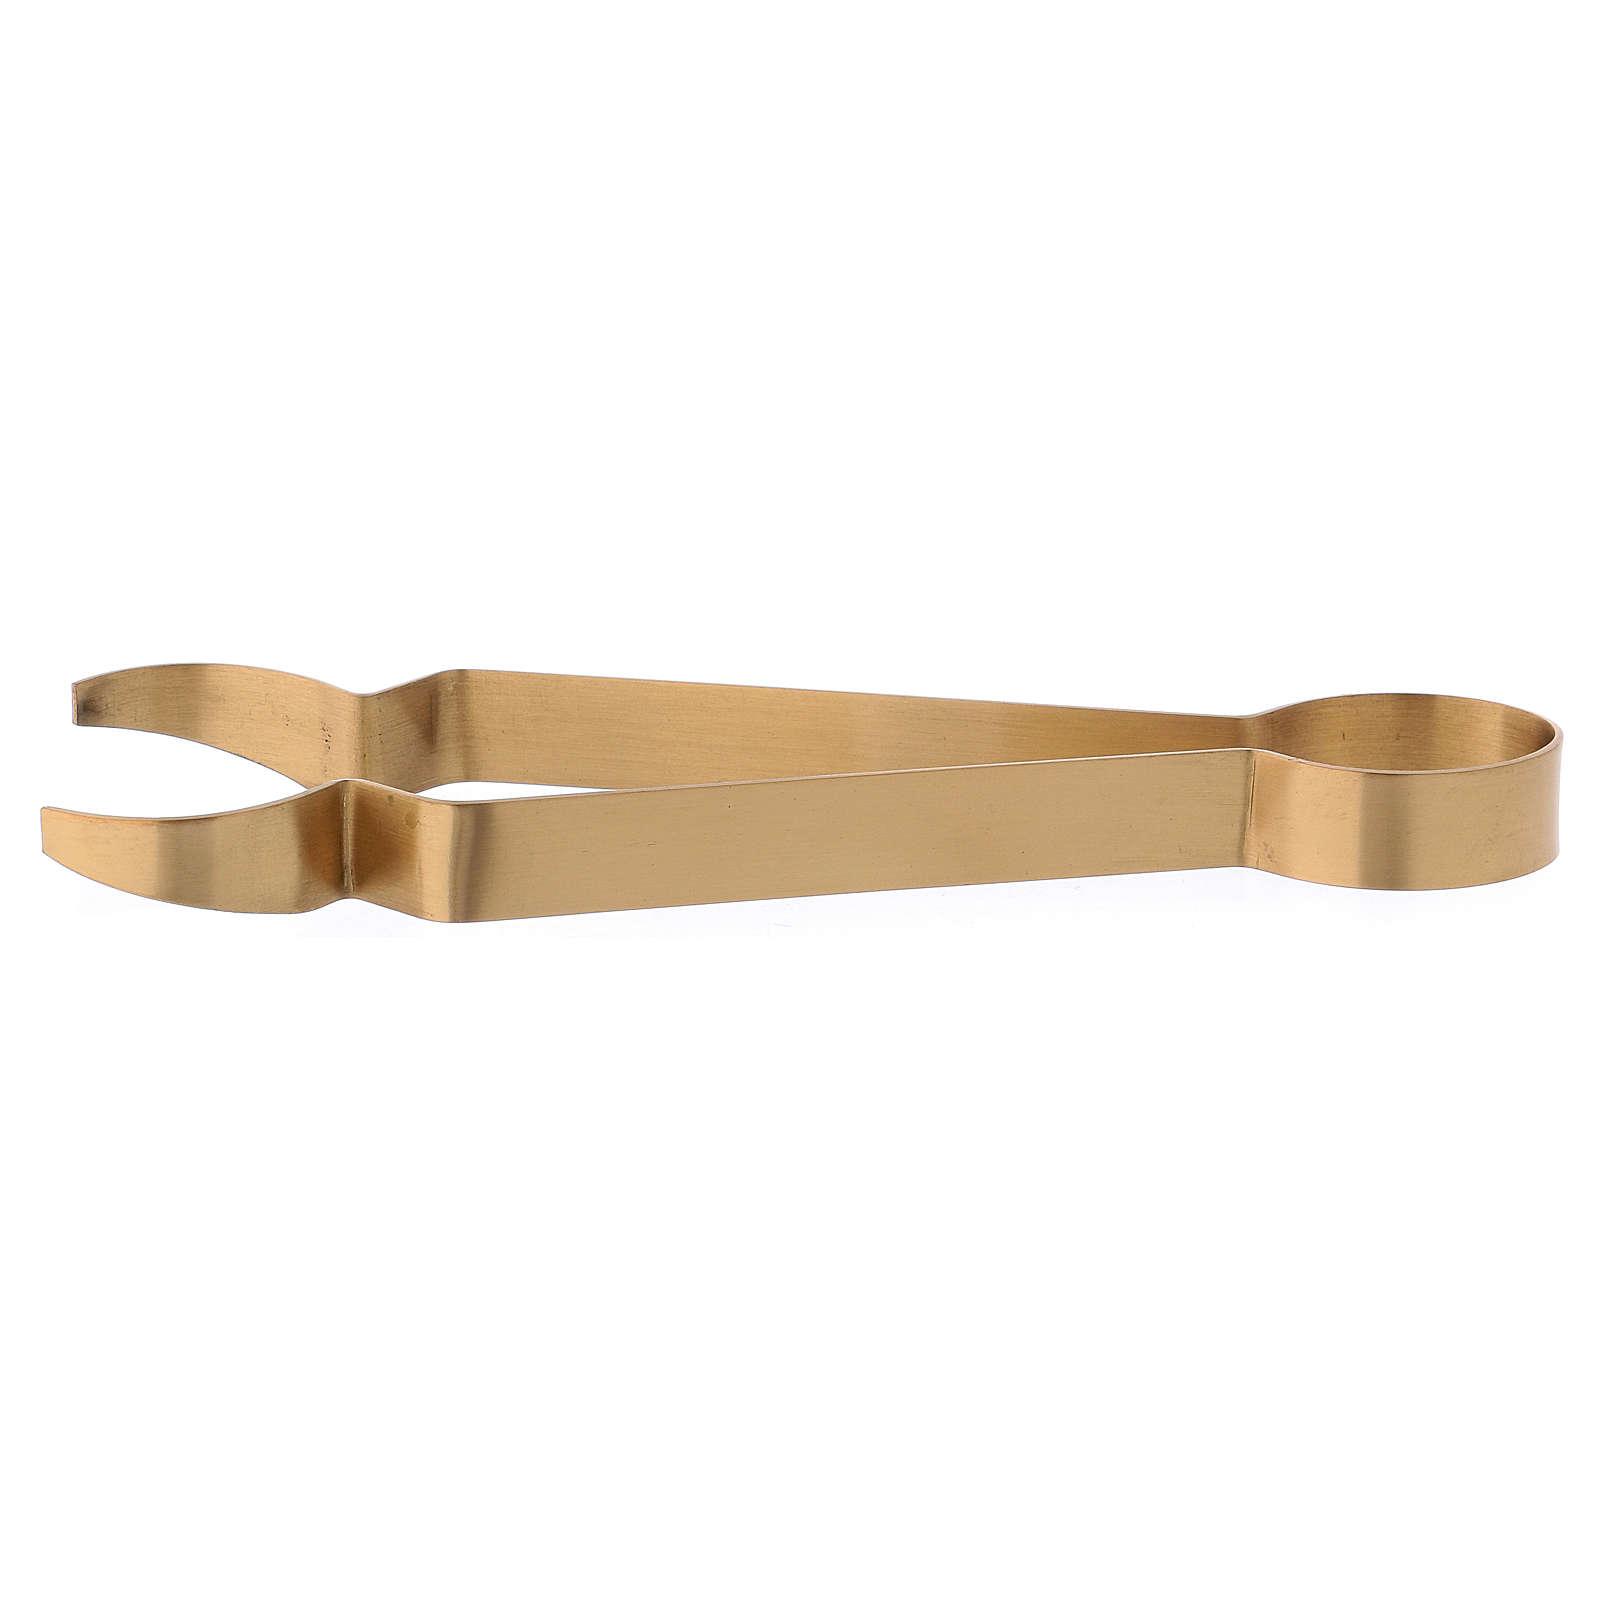 Pinze per carboncini ottone dorato opaco 18 cm 3